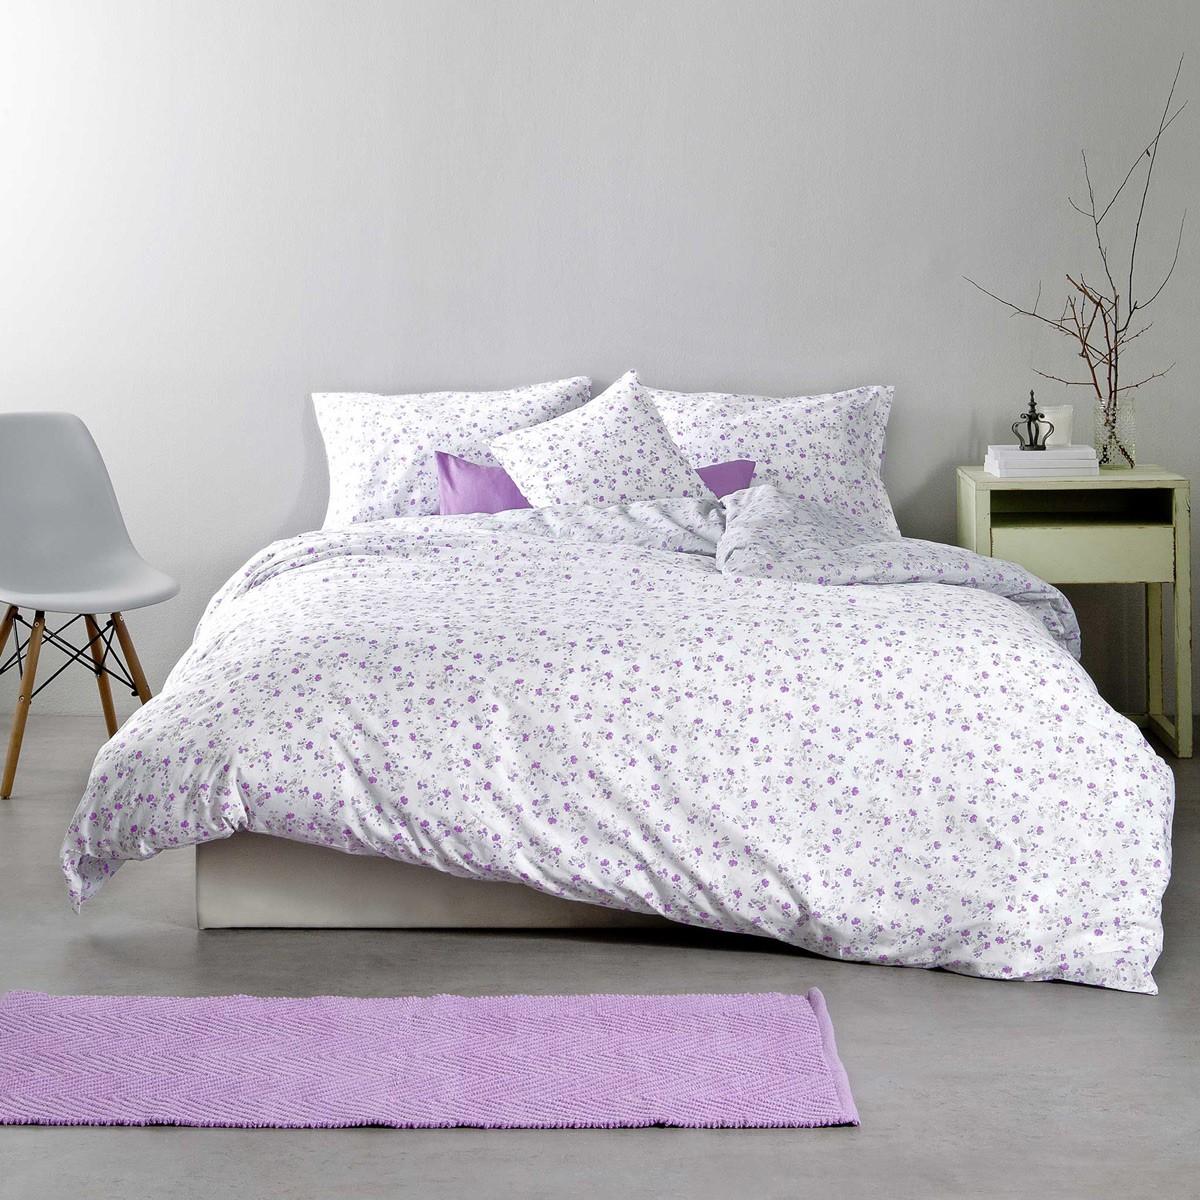 Σεντόνια Μονά (Σετ) Nima Bed Linen Secret Garden Lilac ΧΩΡΙΣ ΛΑΣΤΙΧΟ ΧΩΡΙΣ ΛΑΣΤΙΧΟ